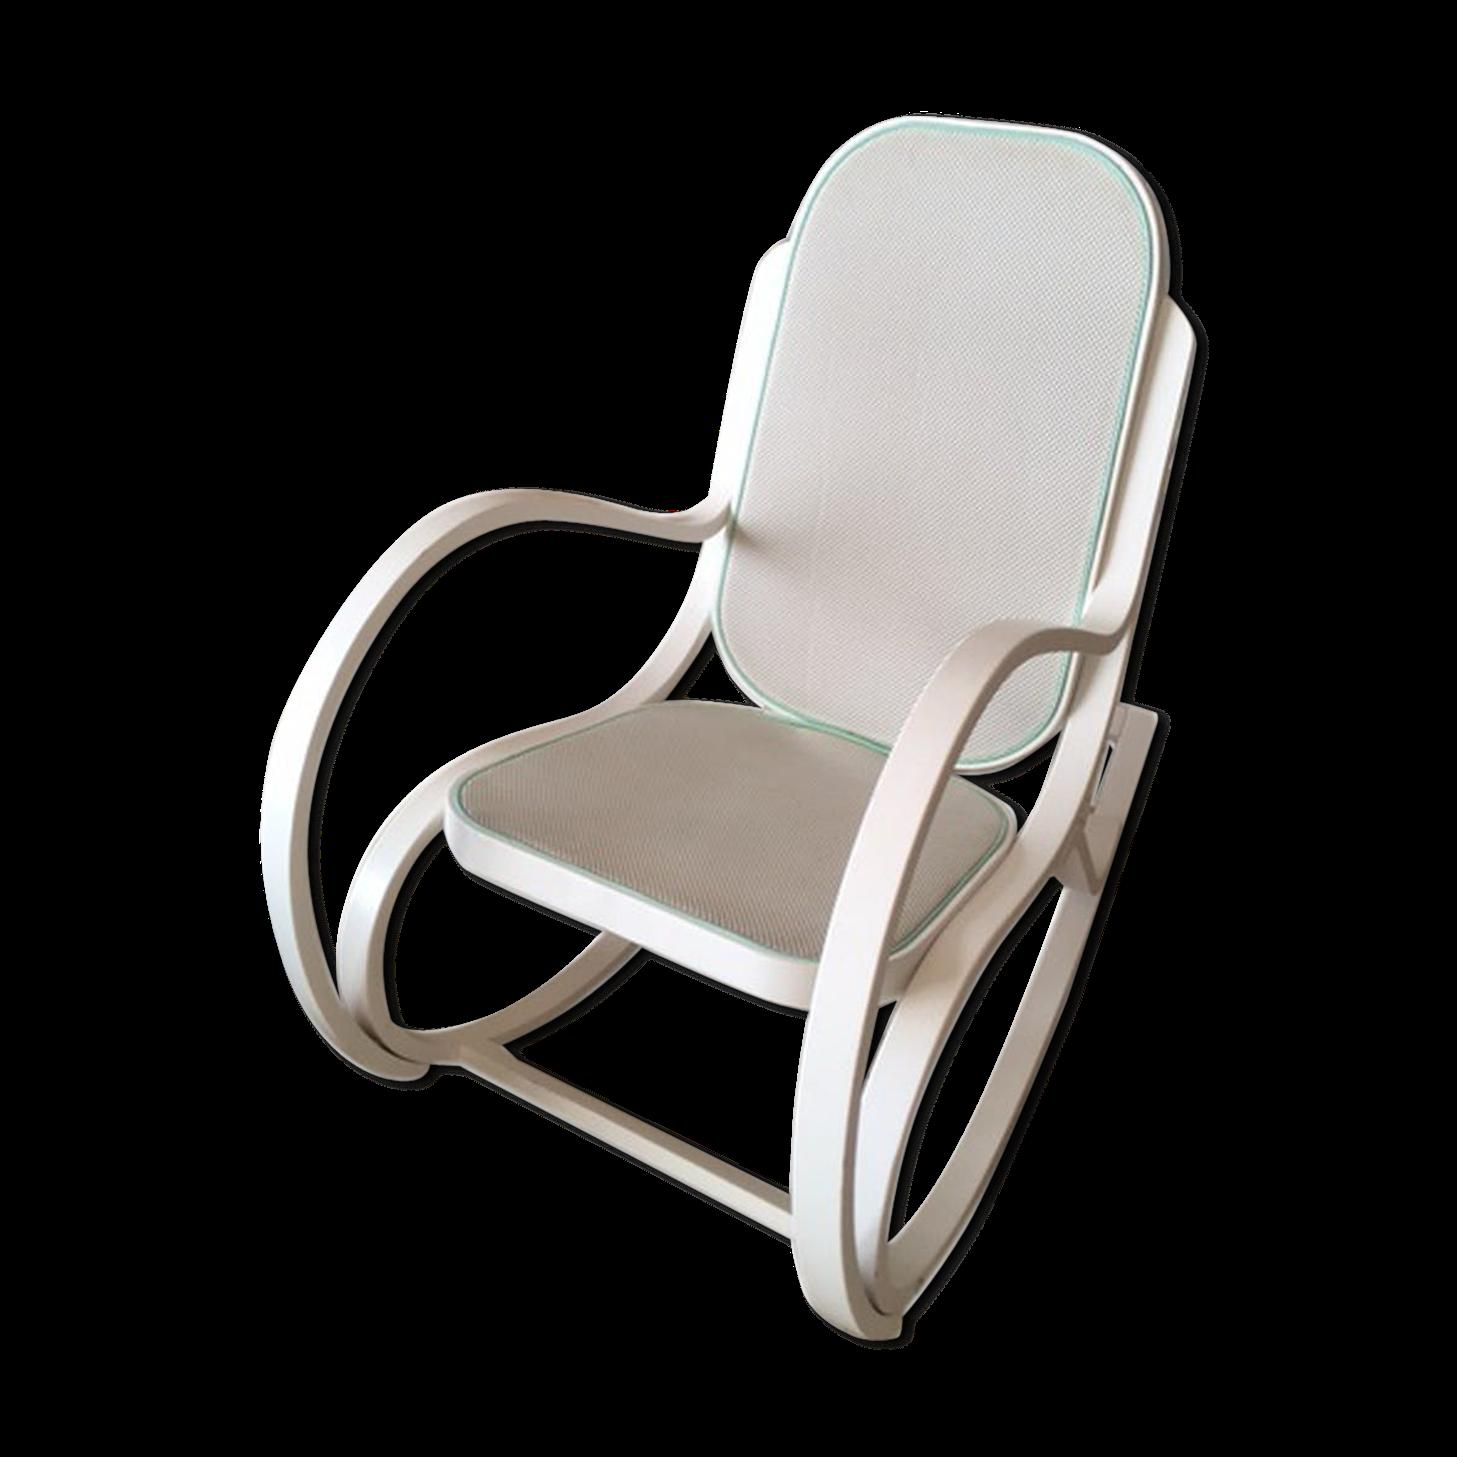 rocking chair blanc rocking chair blanc chambre bebe best of chaise jungle interesting elegant. Black Bedroom Furniture Sets. Home Design Ideas